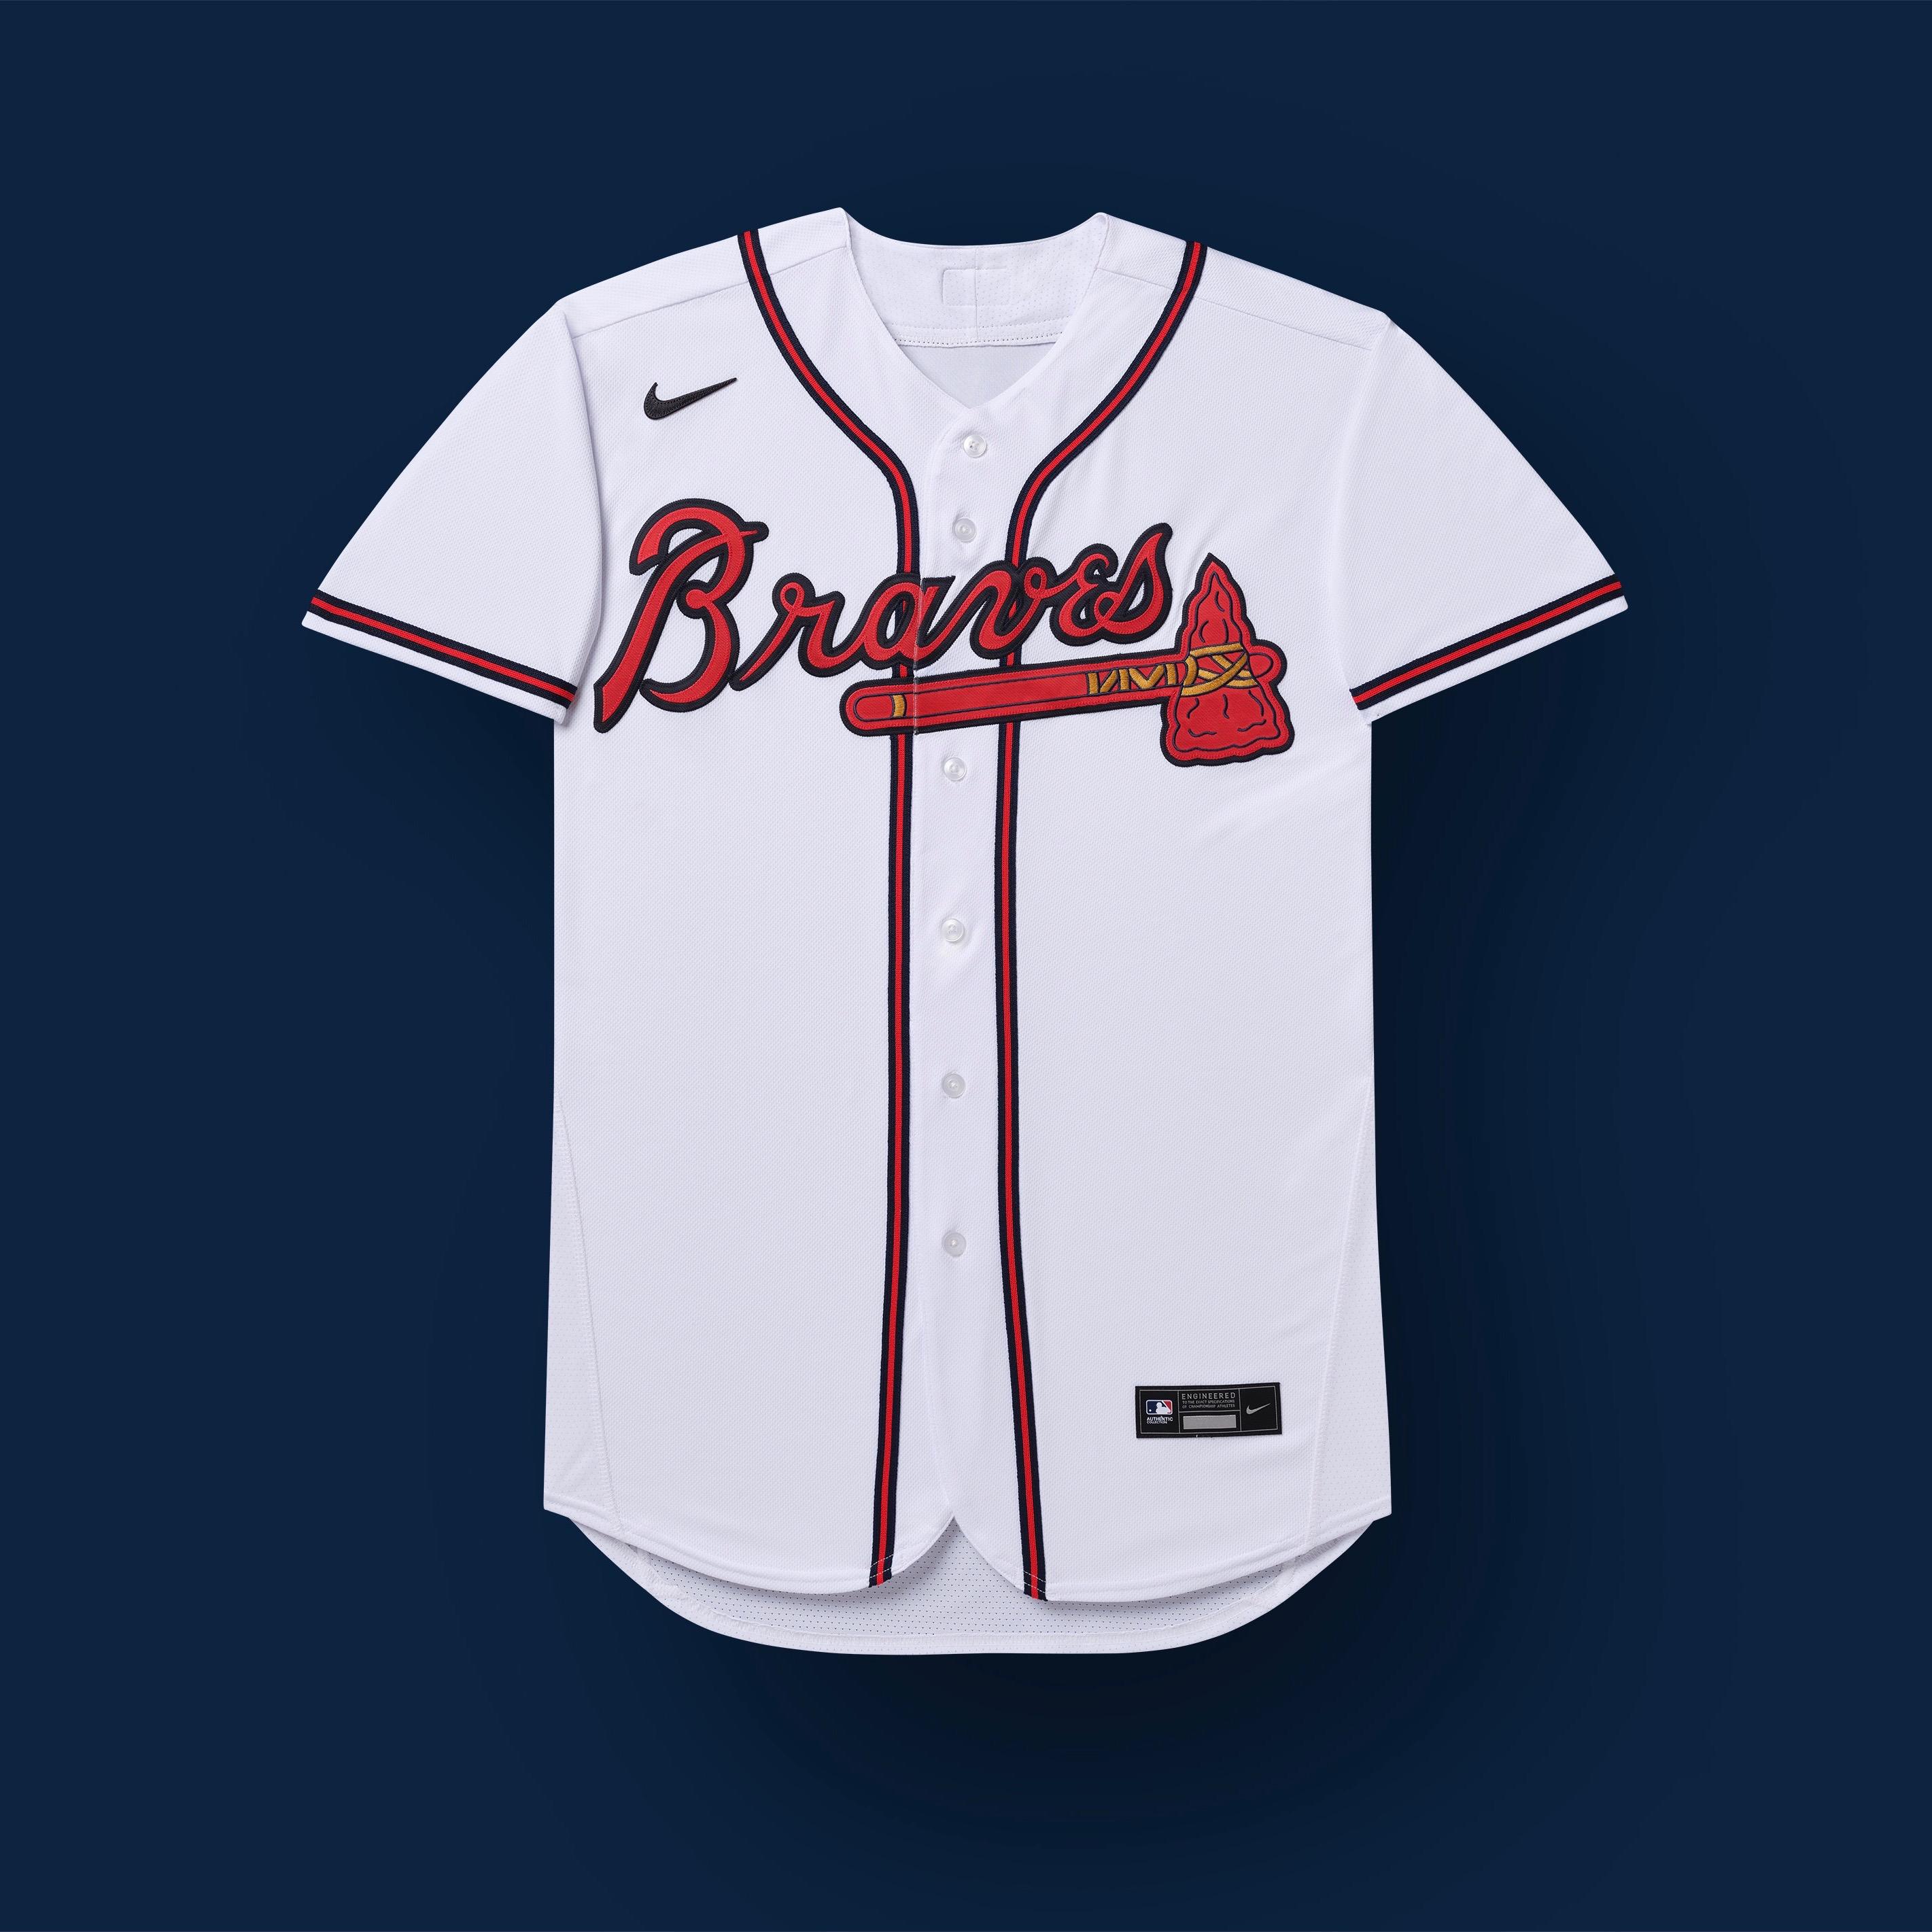 atlanta braves 2020 uniform